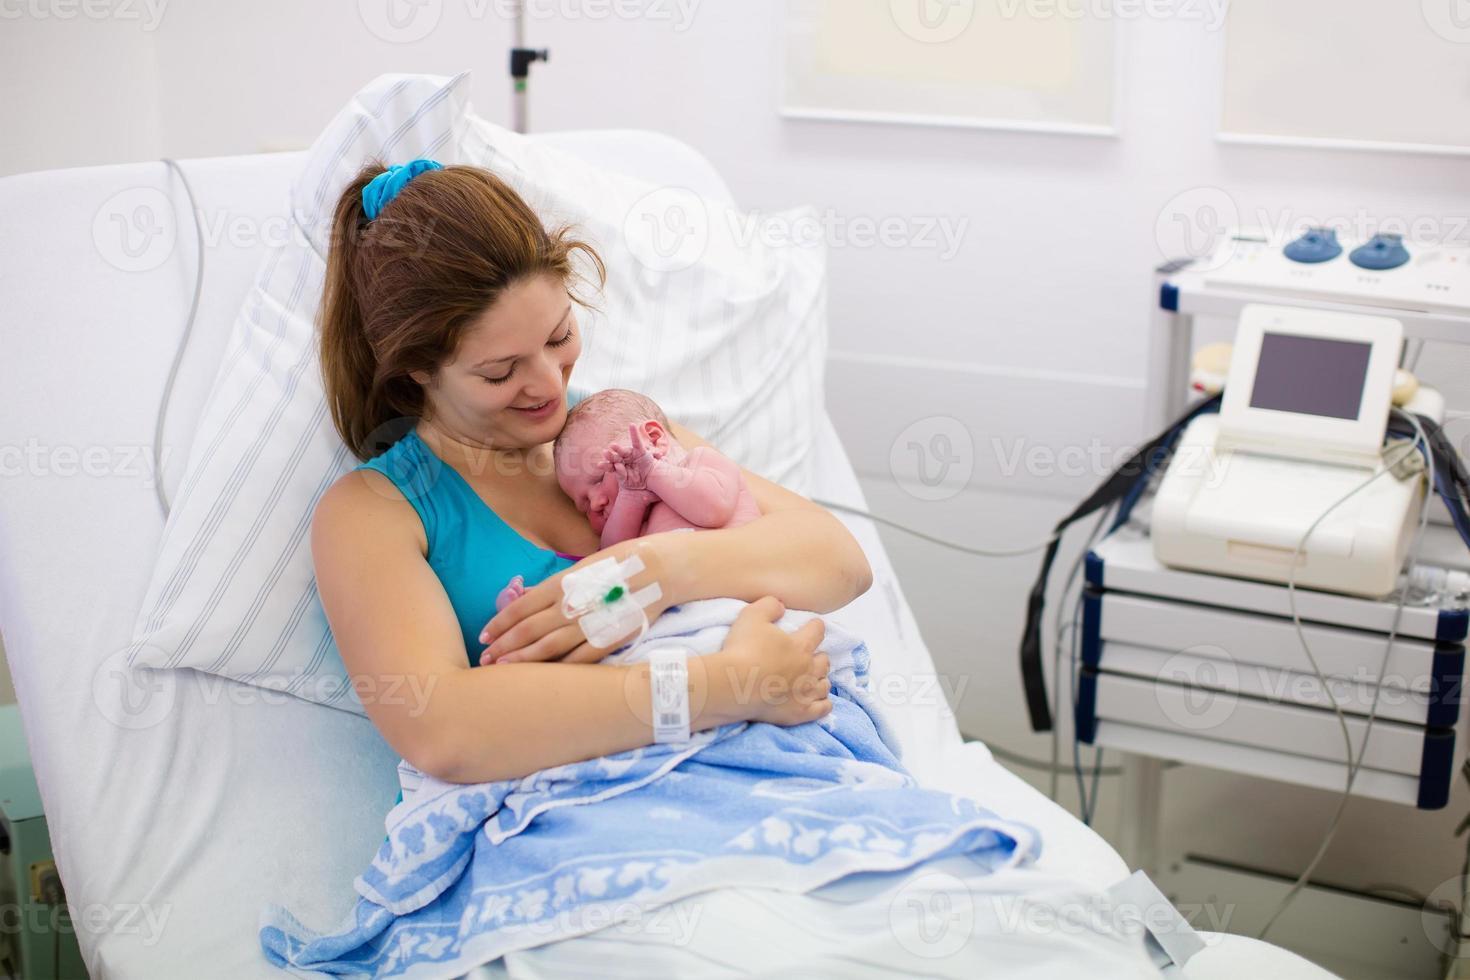 jovem mãe dando à luz um bebê foto